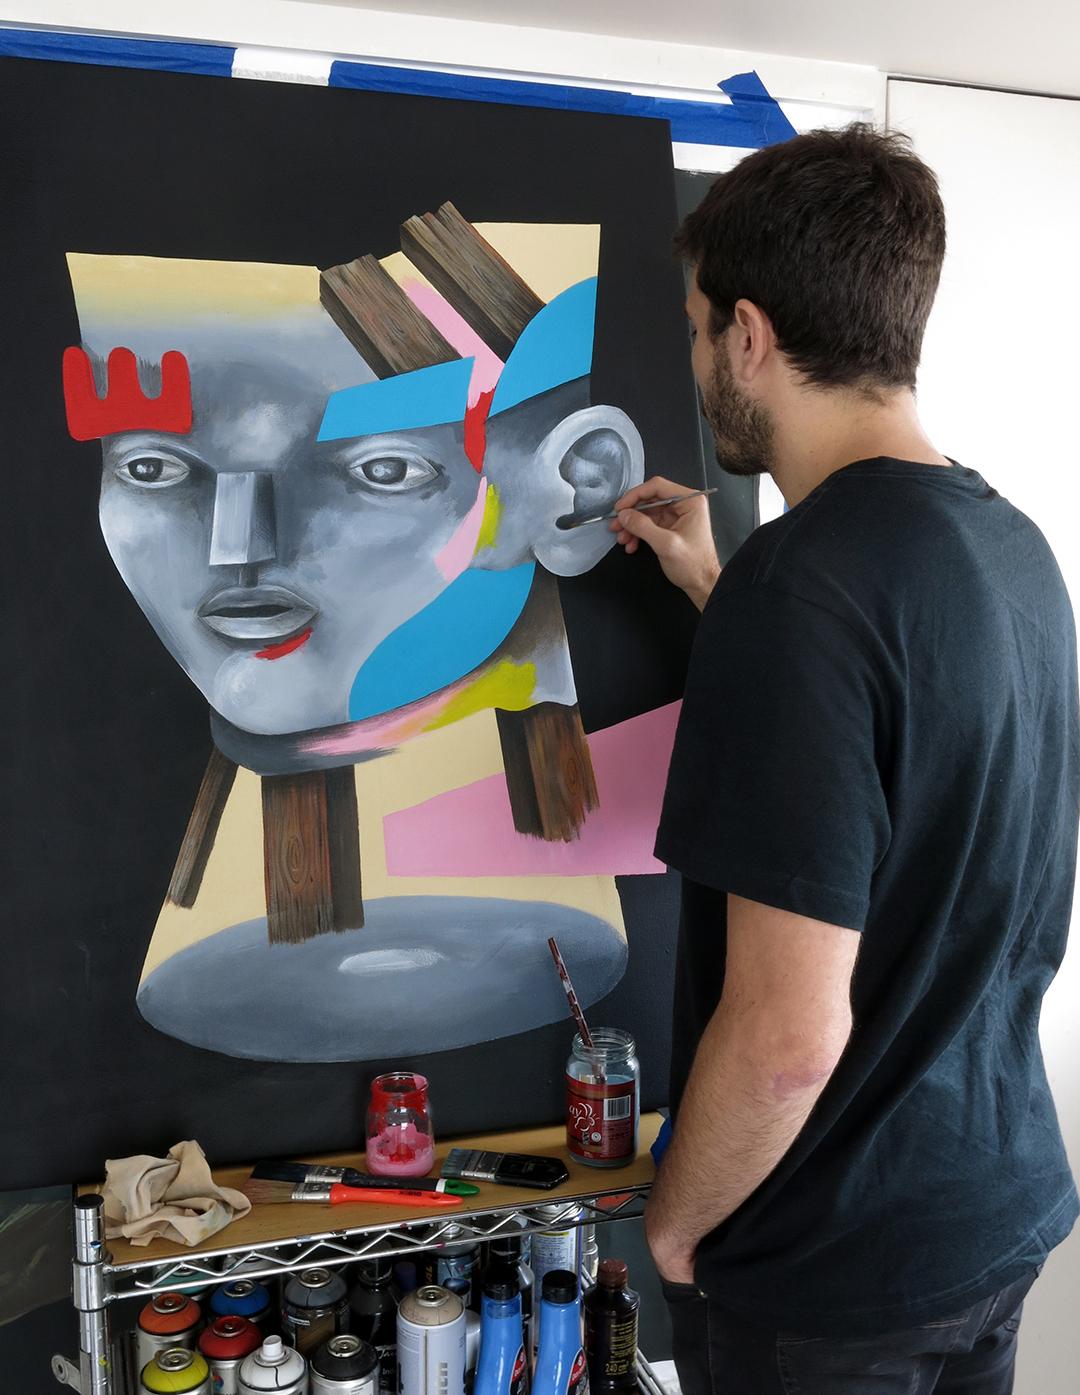 pintando web